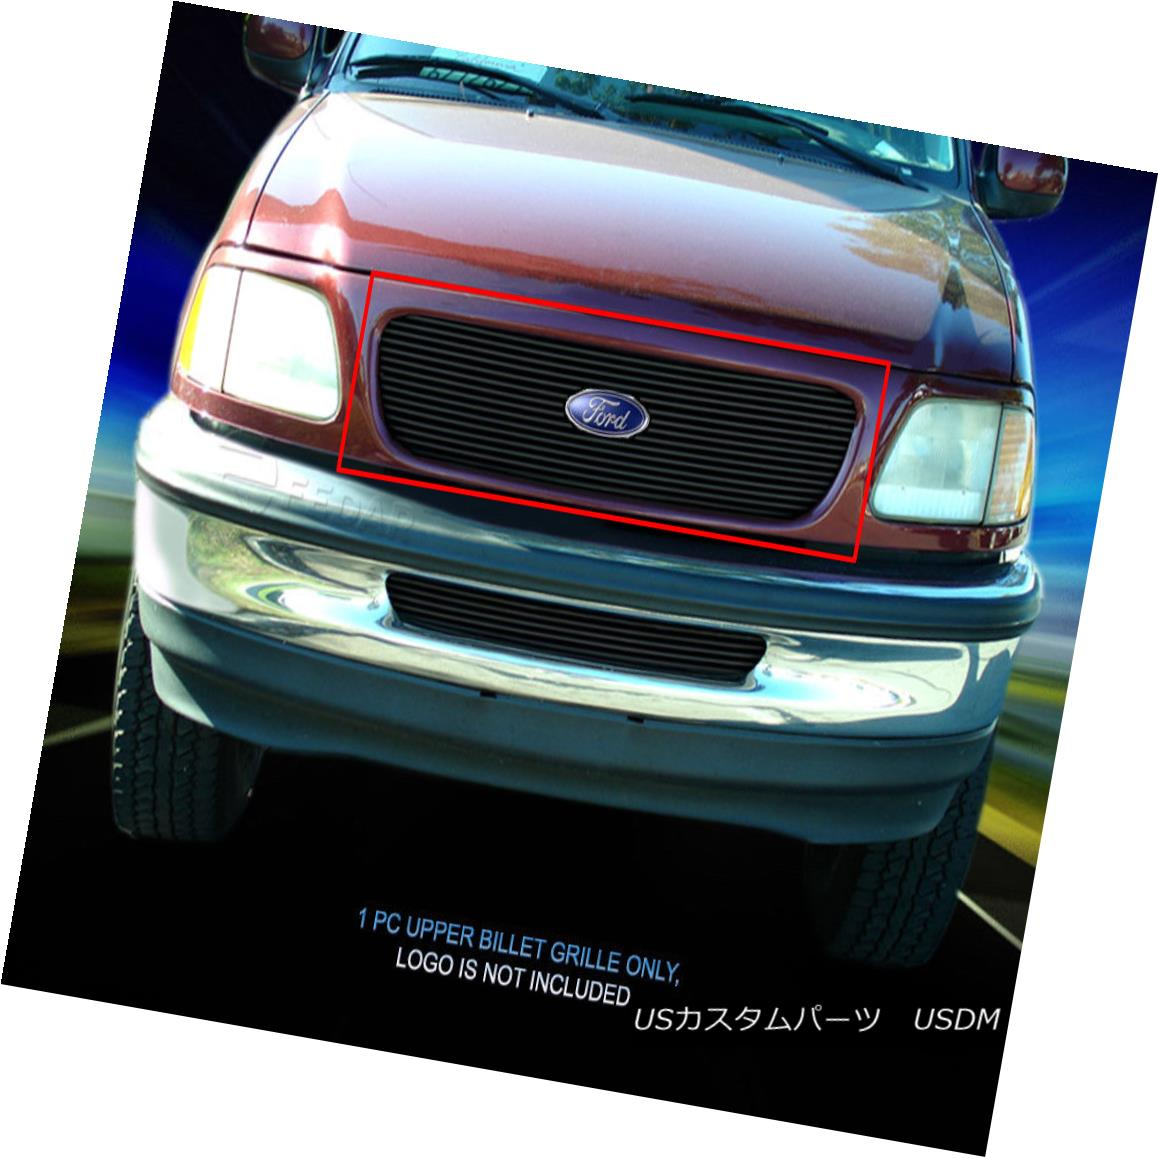 グリル Fedar For 97-98 Ford Expedition Black Billet Grille Upper Insert Fedar Feder For 97-98 Ford ExpeditionブラックビレットグリルアッパーインサートFedar